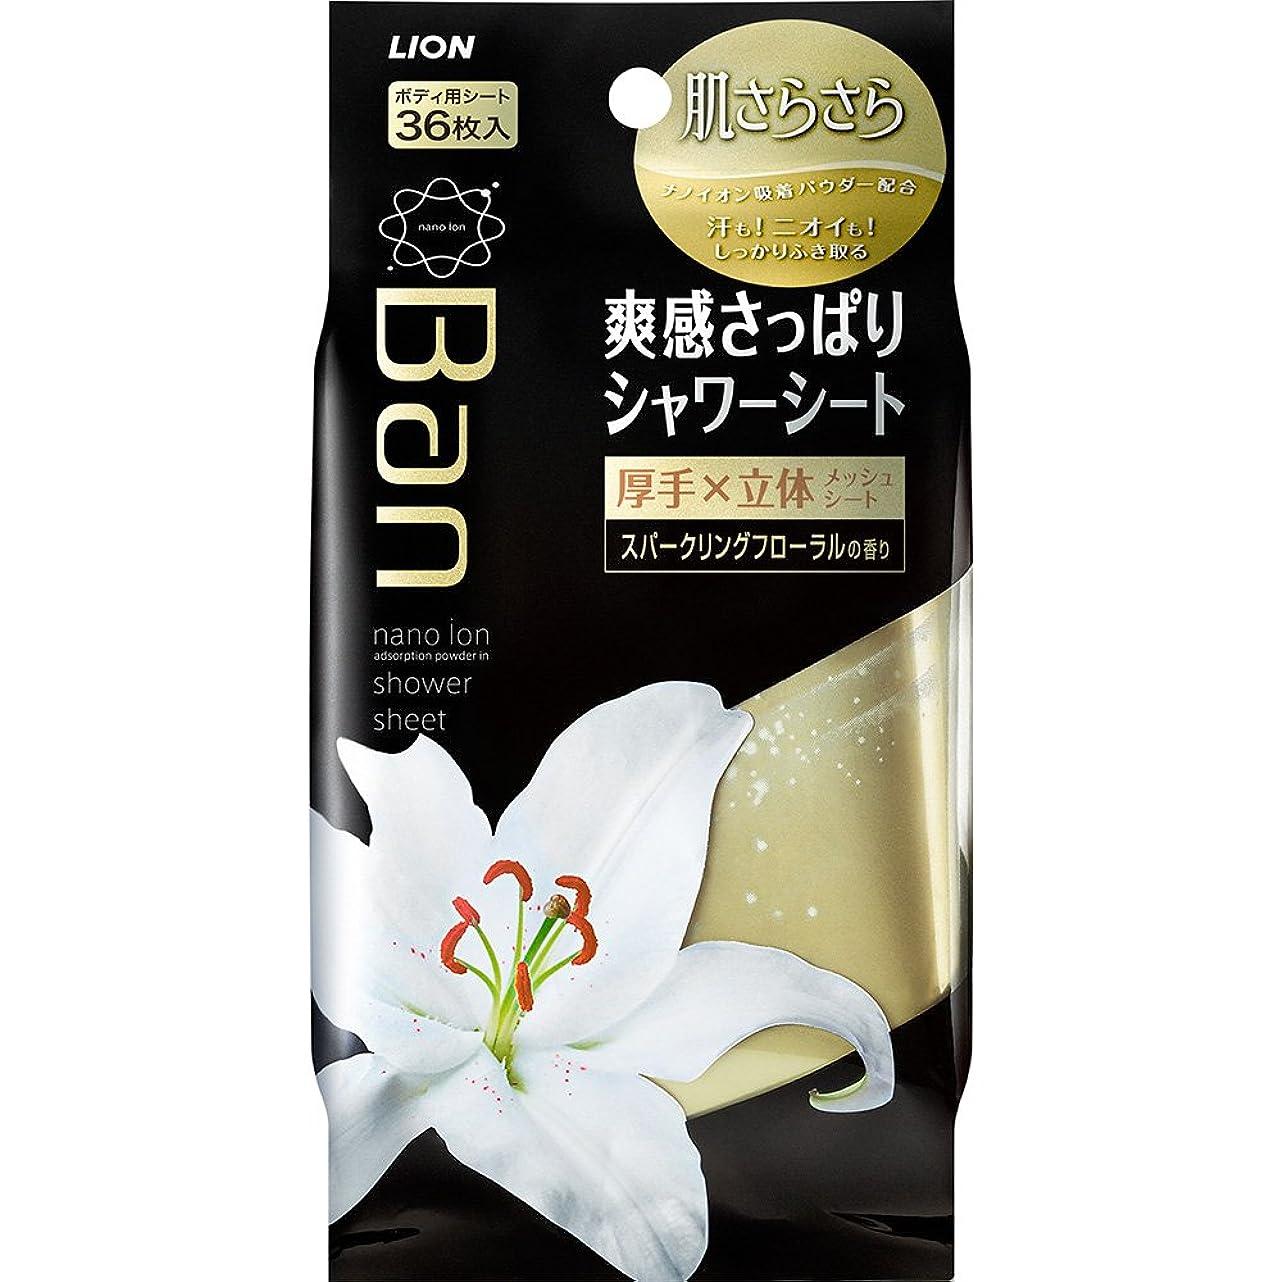 再開シェード栄養Ban(バン) 爽感さっぱりシャワーシート スパークリングフローラルの香り 36枚